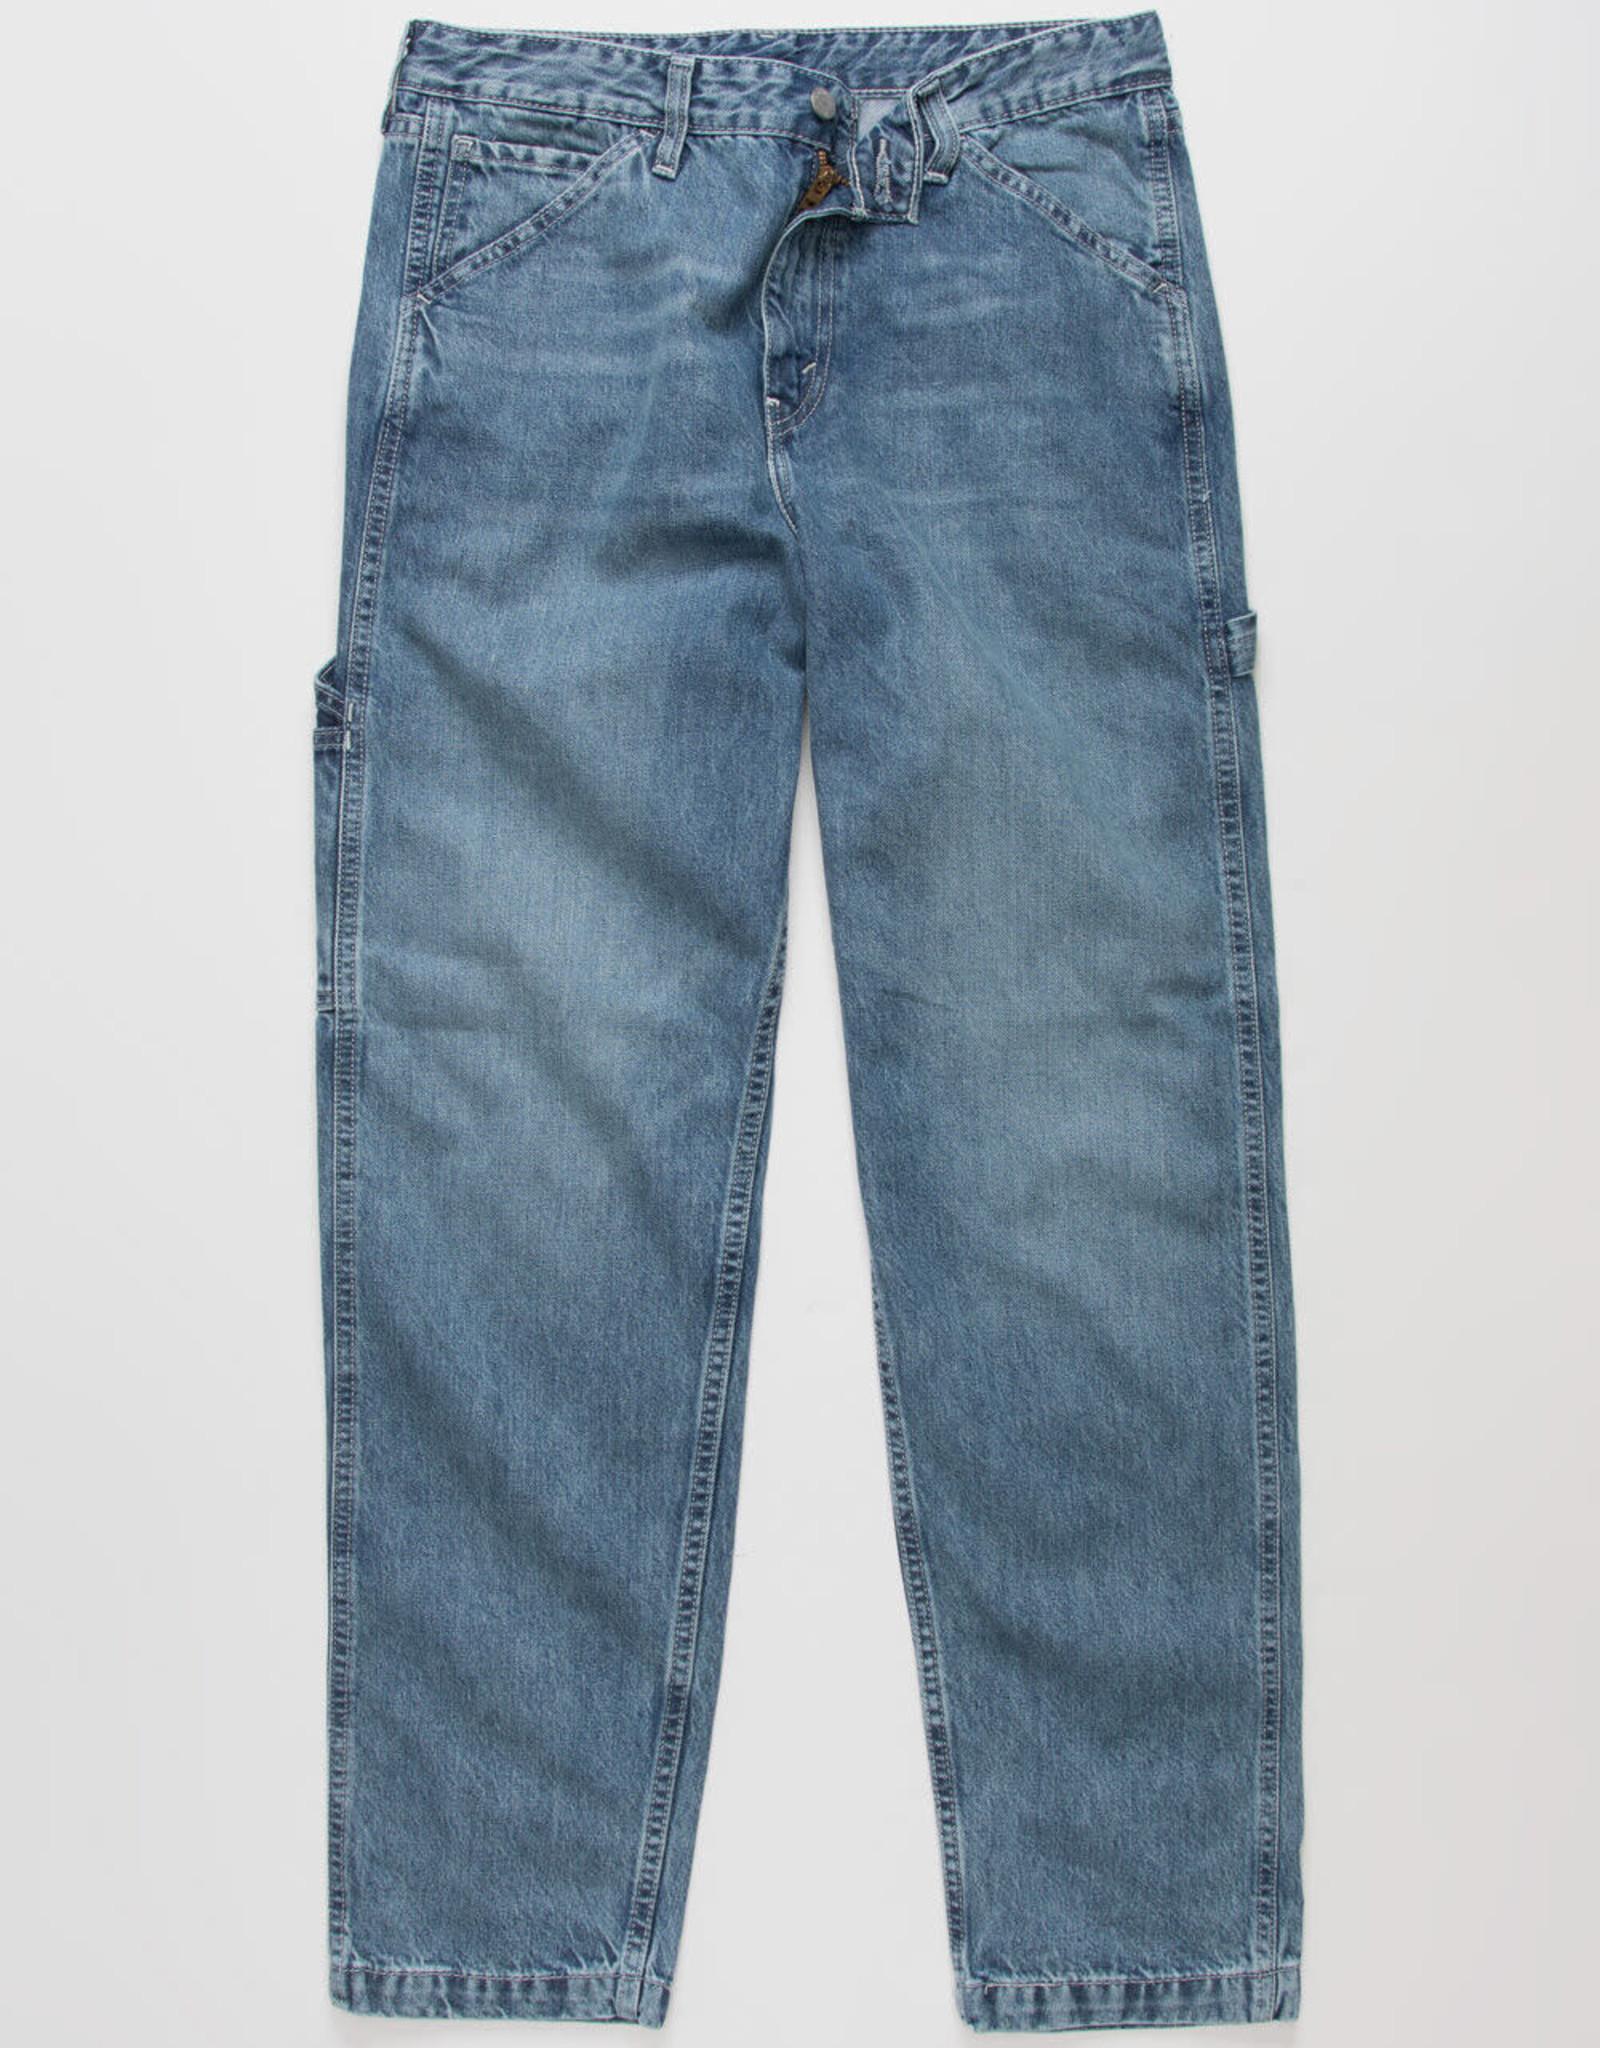 LEVI LEVI'S TAPERED CARPENTER PANTS BLUES